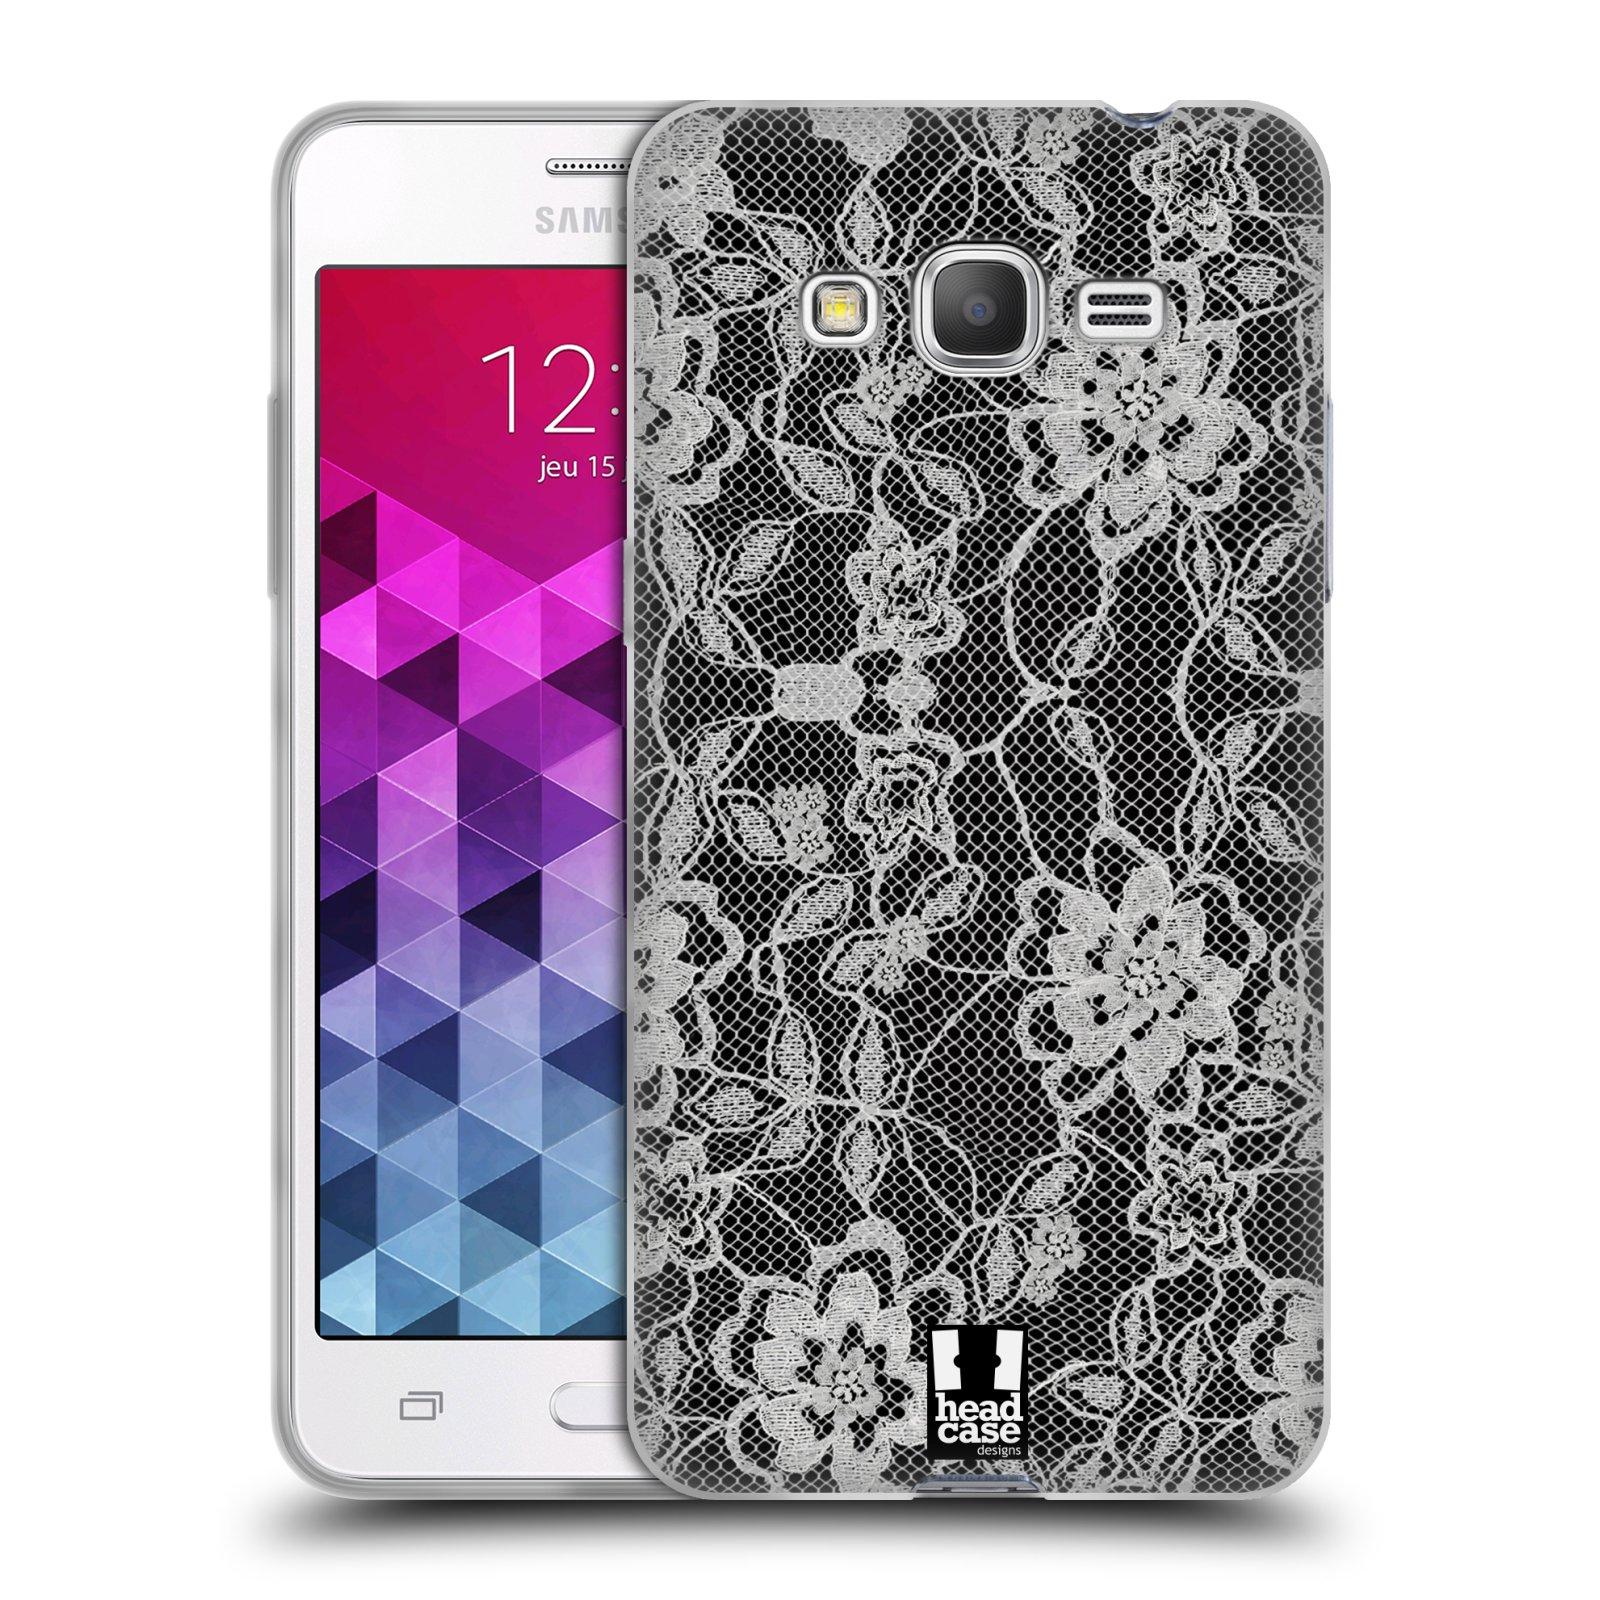 Silikonové pouzdro na mobil Samsung Galaxy Grand Prime HEAD CASE FLOWERY KRAJKA